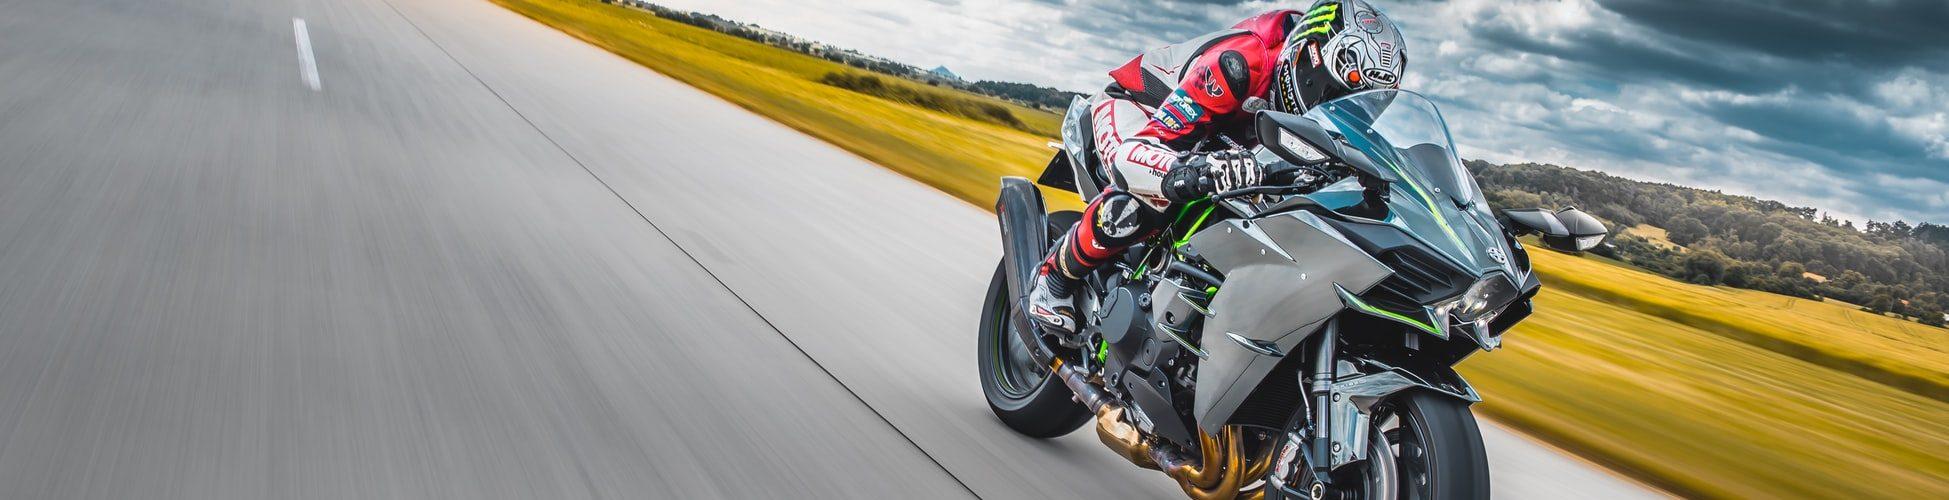 snelle-motor-rijder